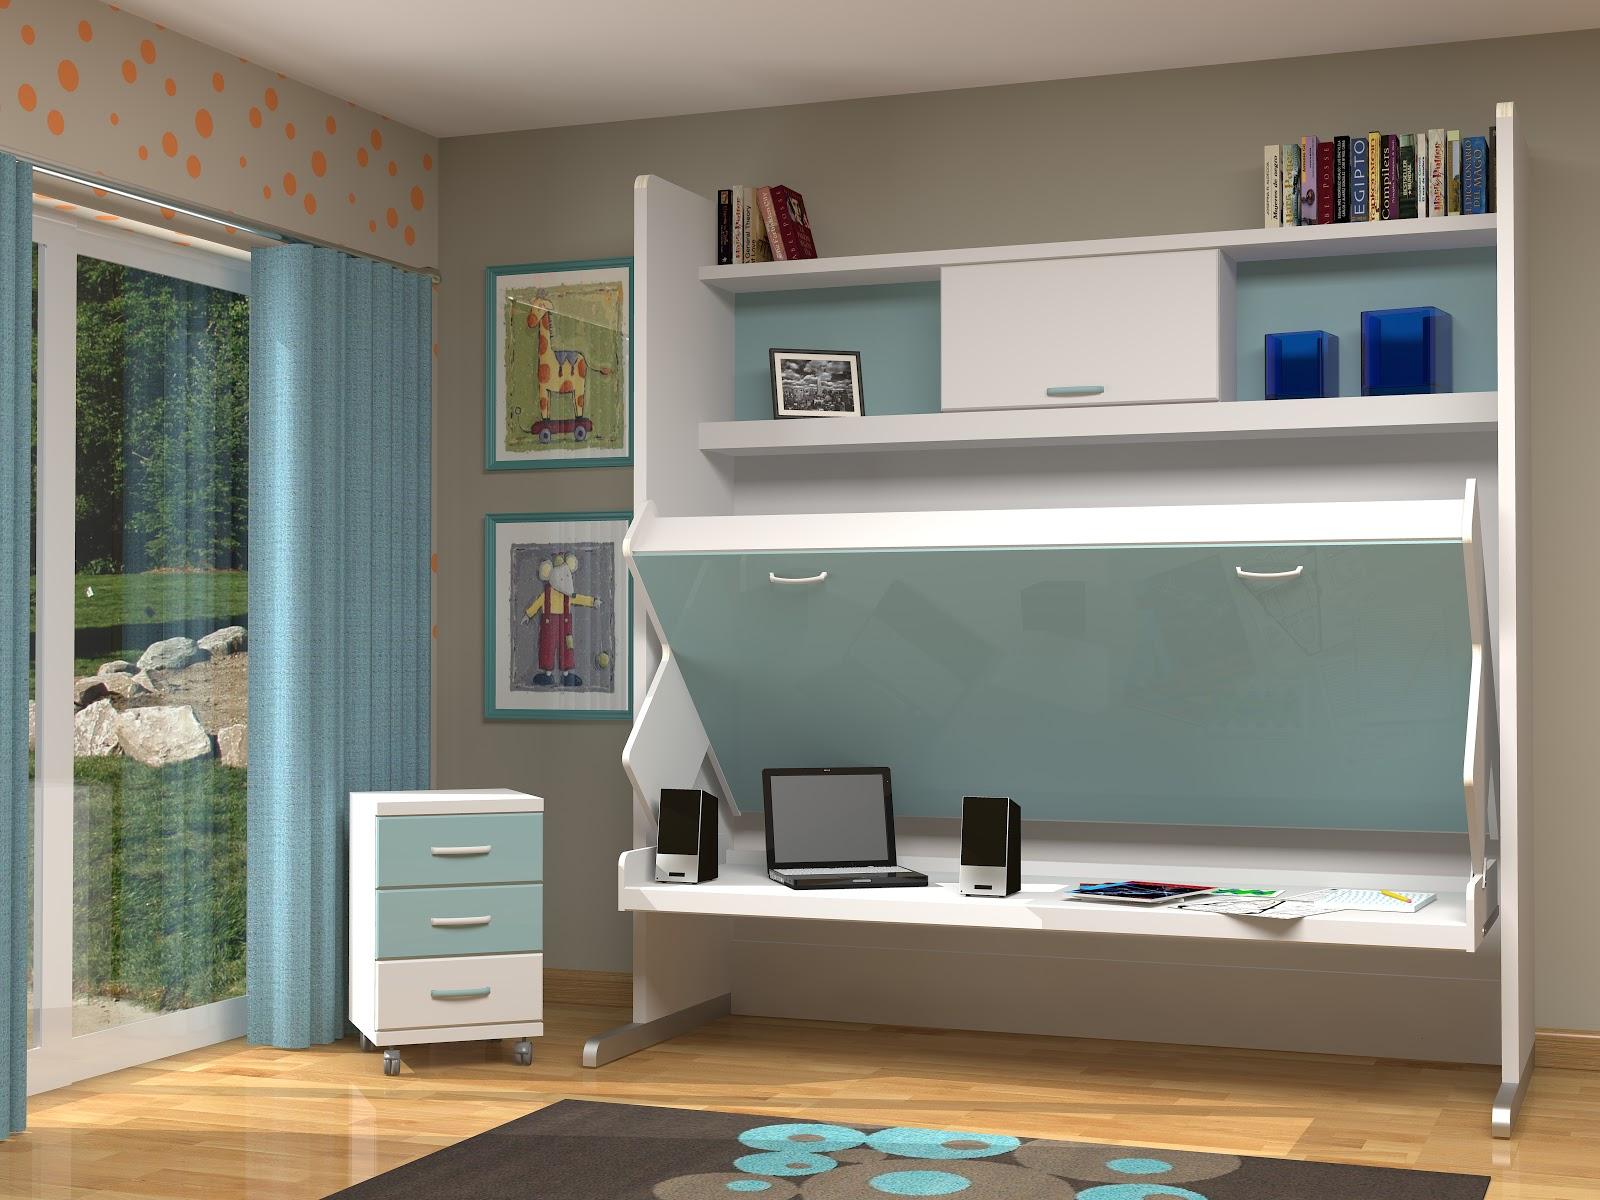 Muebles juveniles dormitorios infantiles y habitaciones - Camas muebles plegables ...